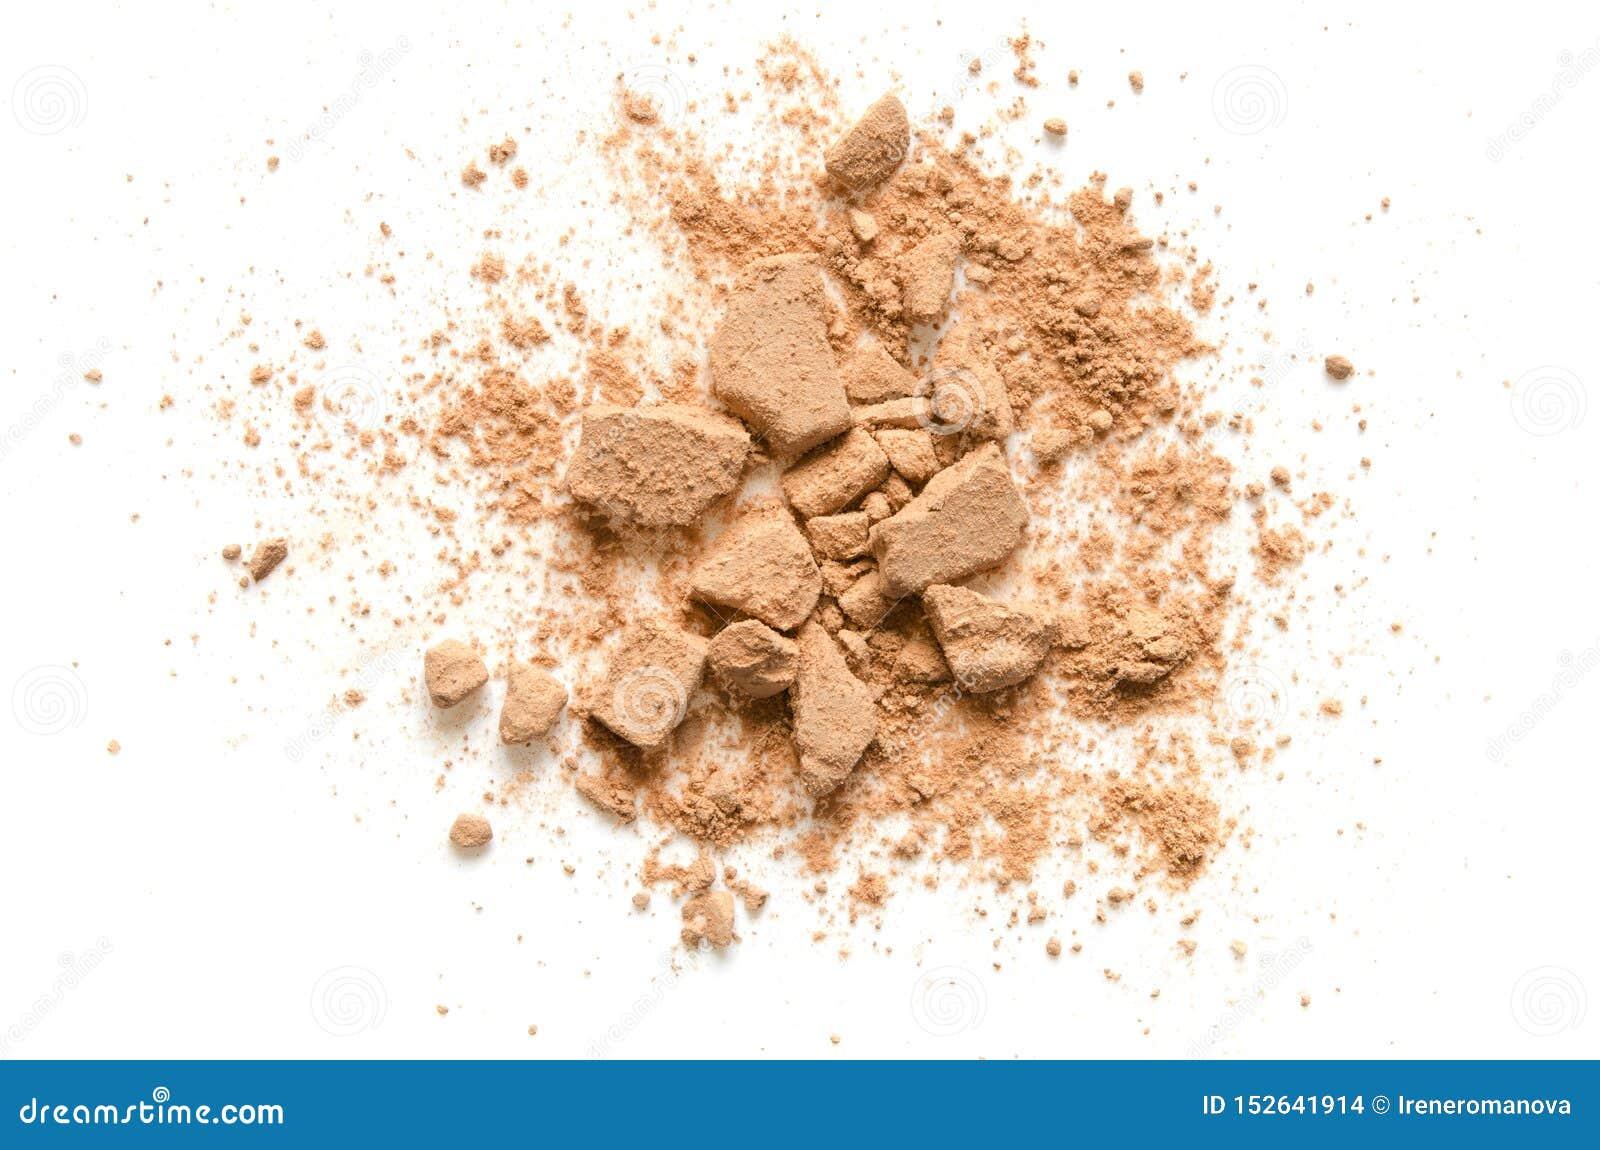 Il beige ha schiantato la cipria per trucco come campione del prodotto cosmetico, isolato su fondo bianco